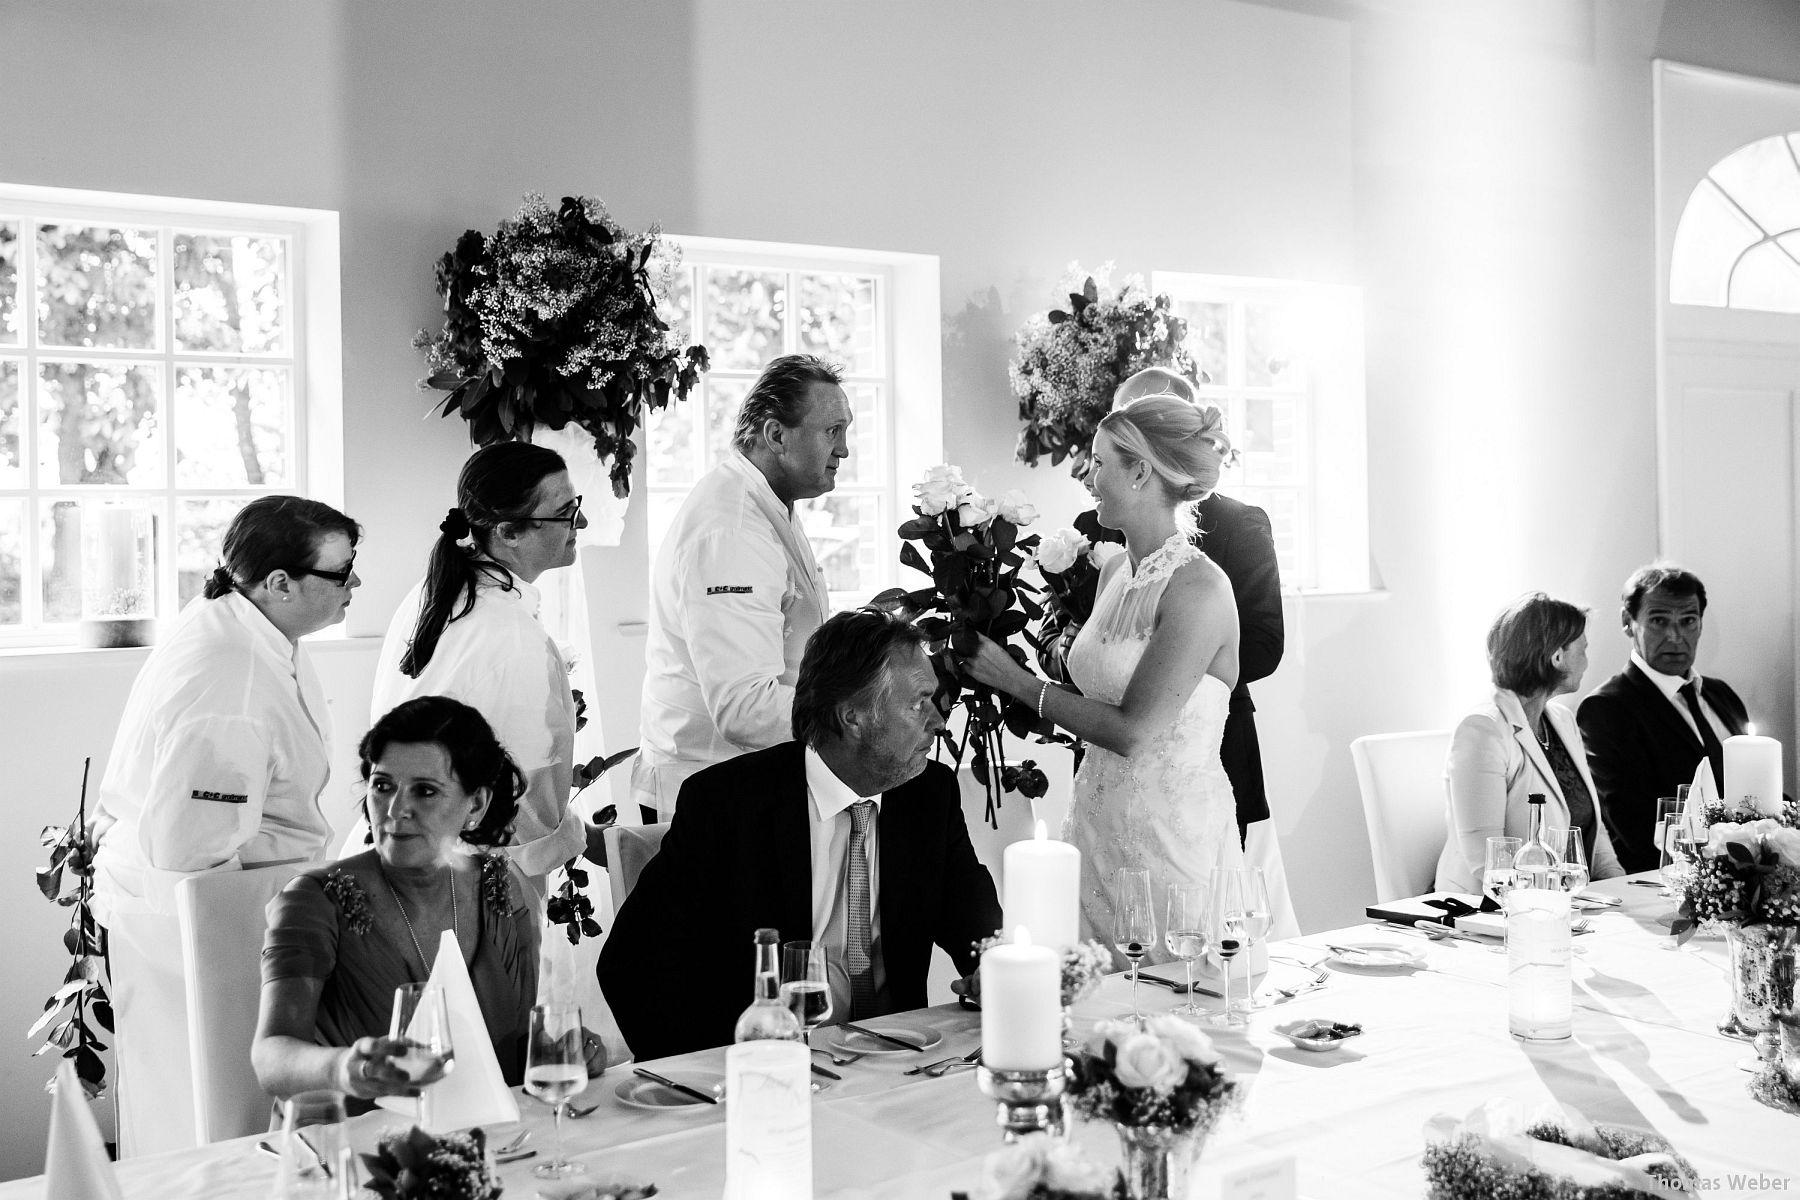 Hochzeitsfotograf Oldenburg: Hochzeit in der Eventscheune St. Georg in Rastede (70)